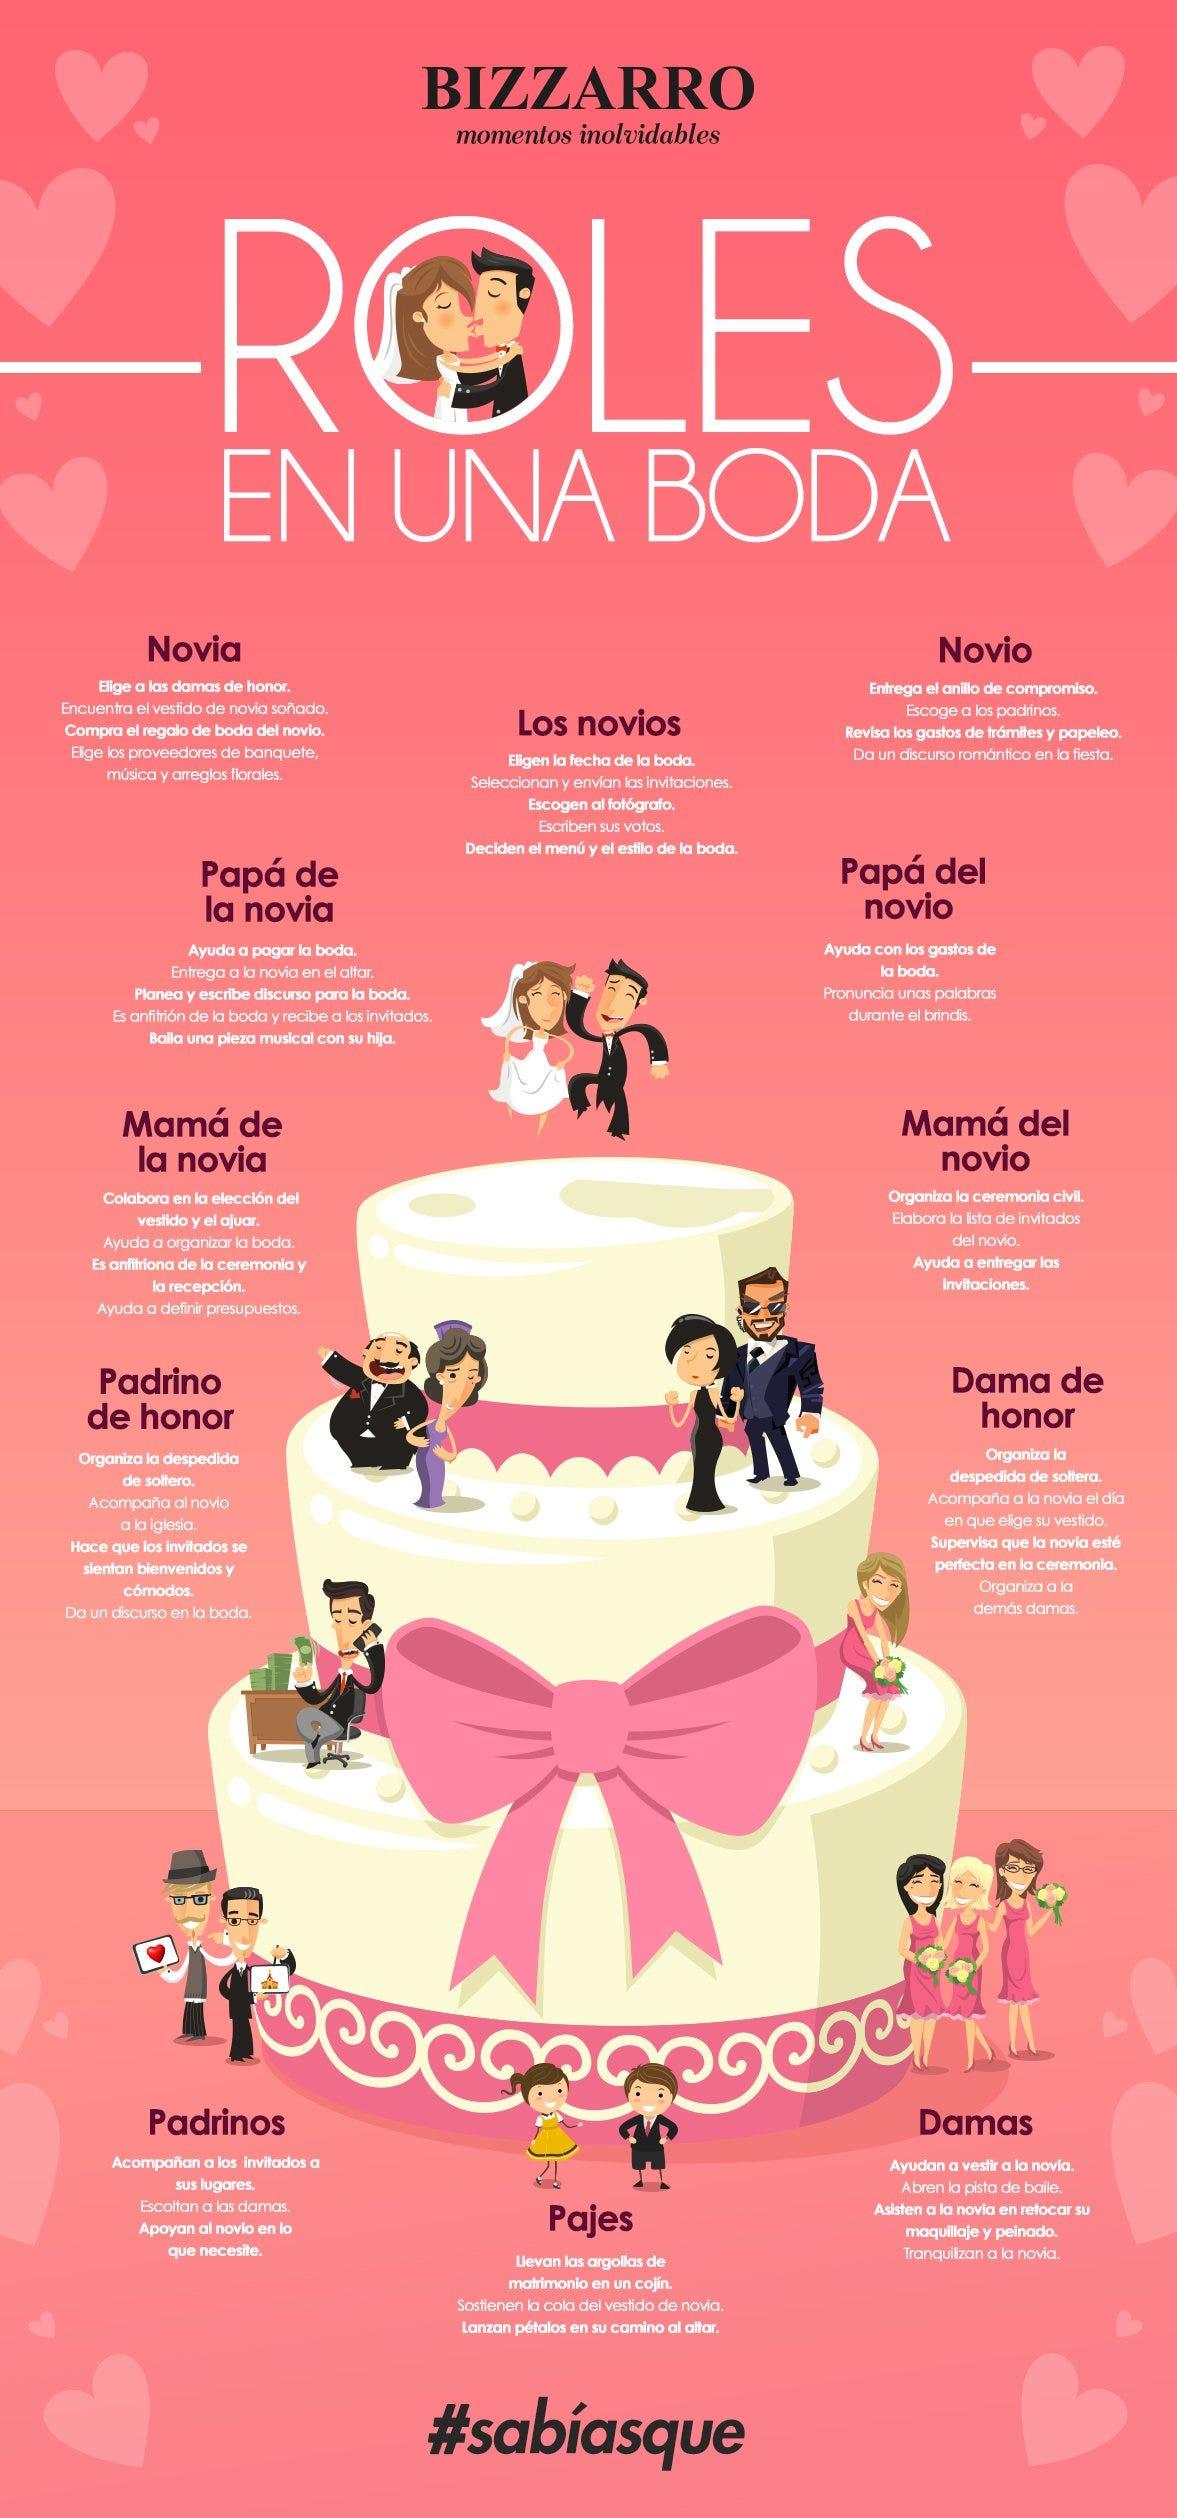 Roles de una boda